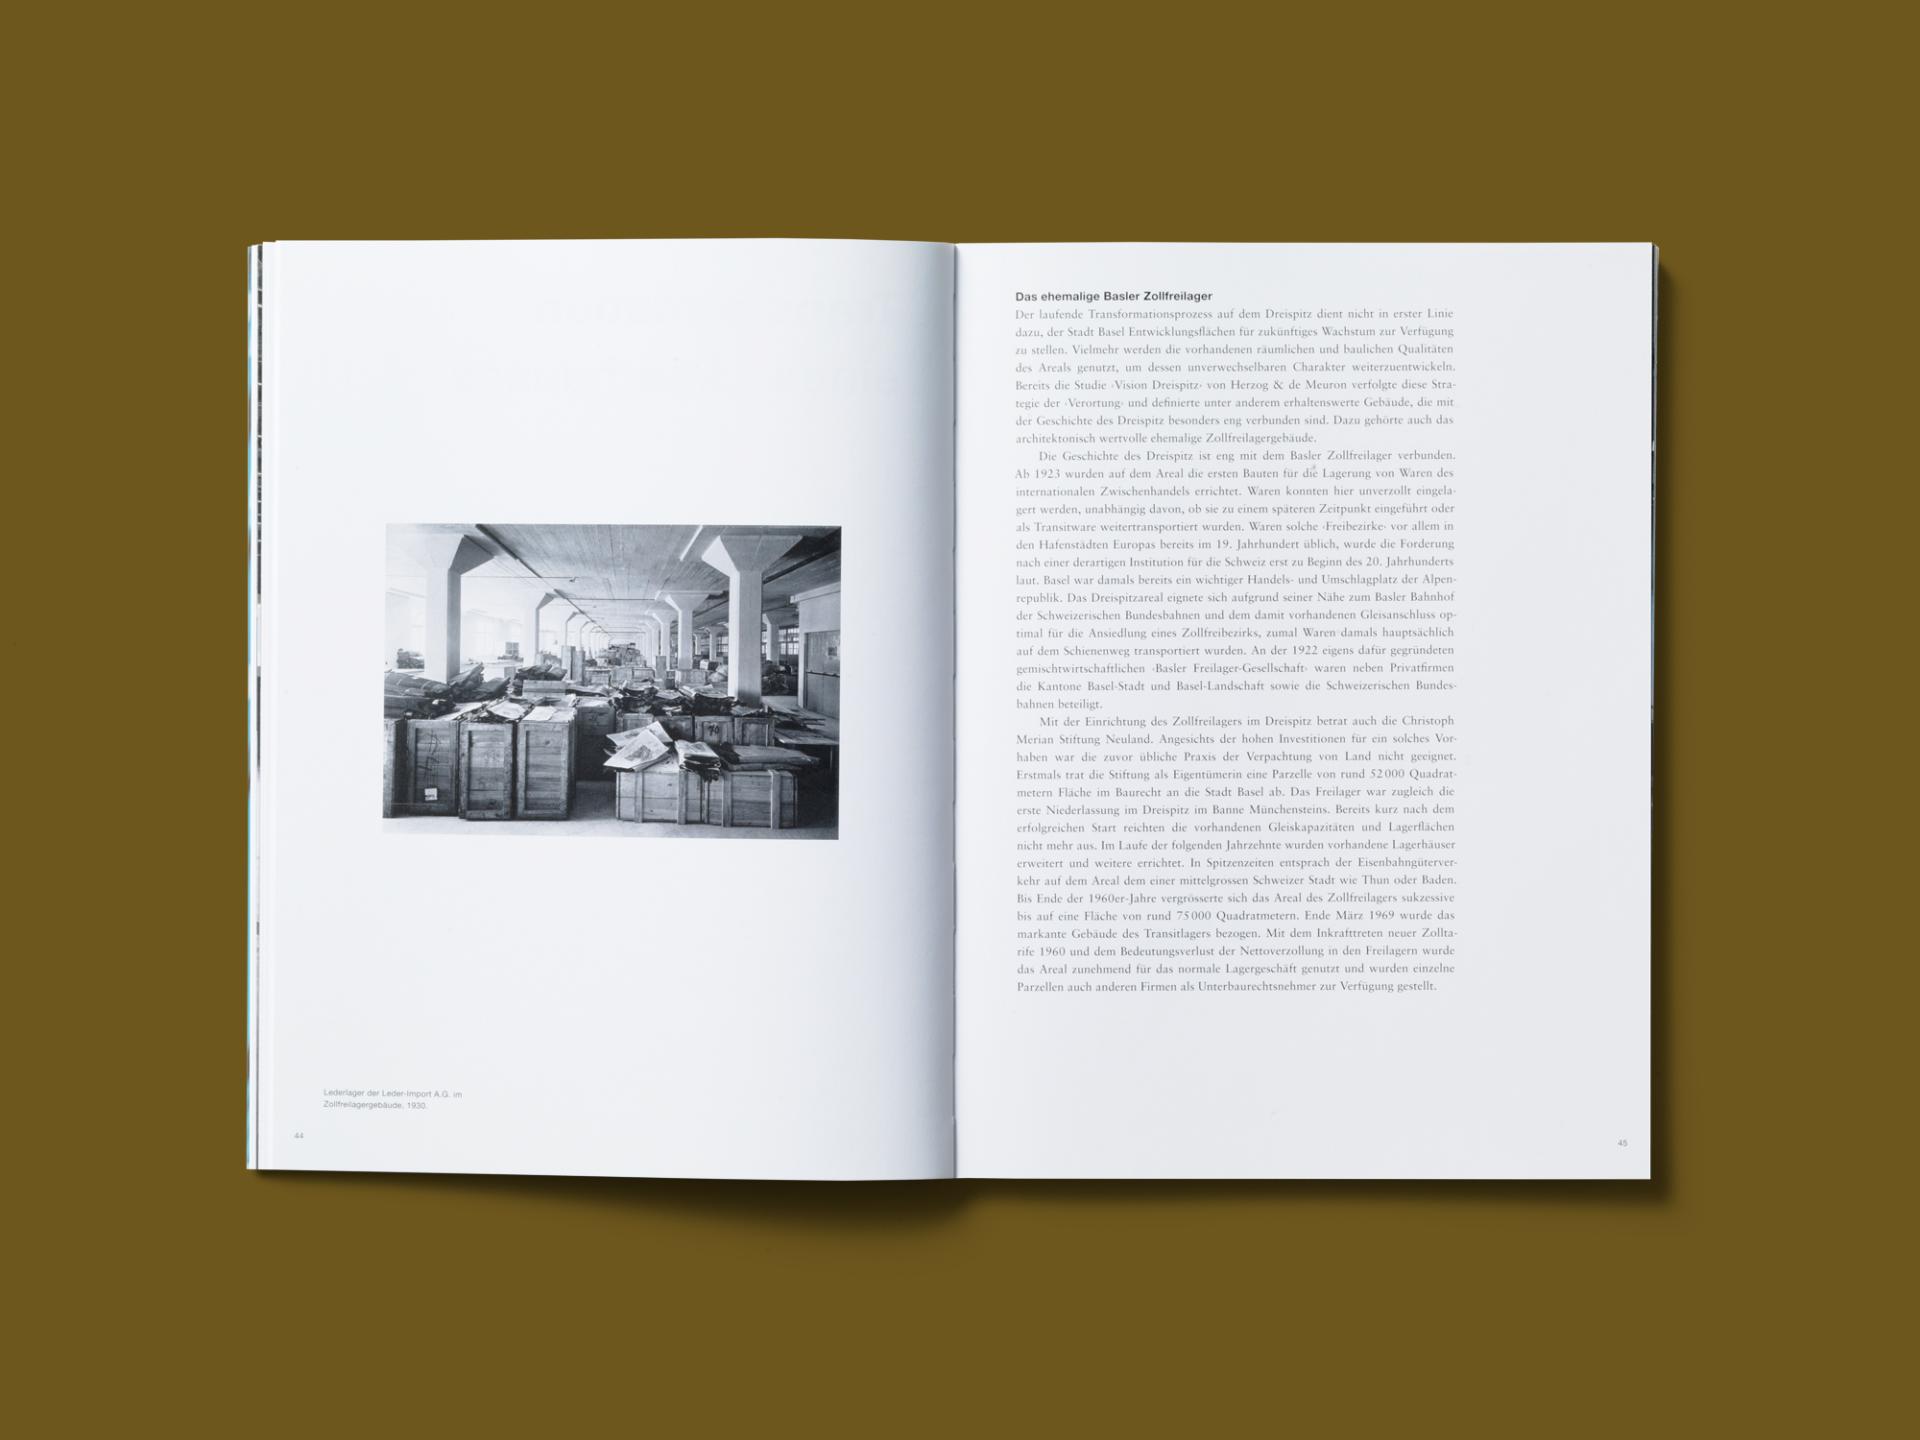 BKVK Dreispitz Publikationen — Buchgestaltung